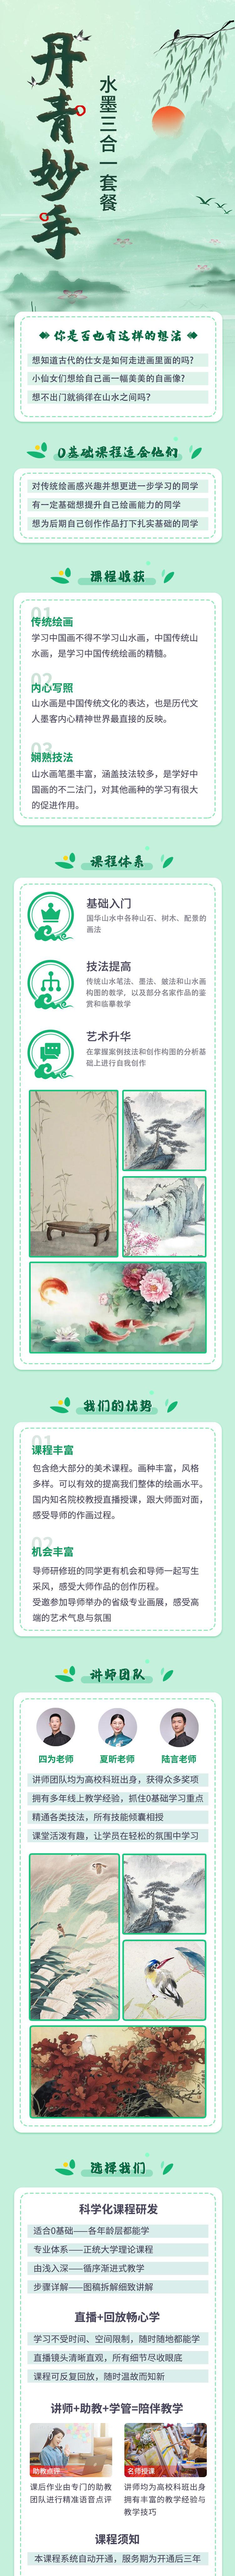 丹青妙手(水墨三合一).jpg